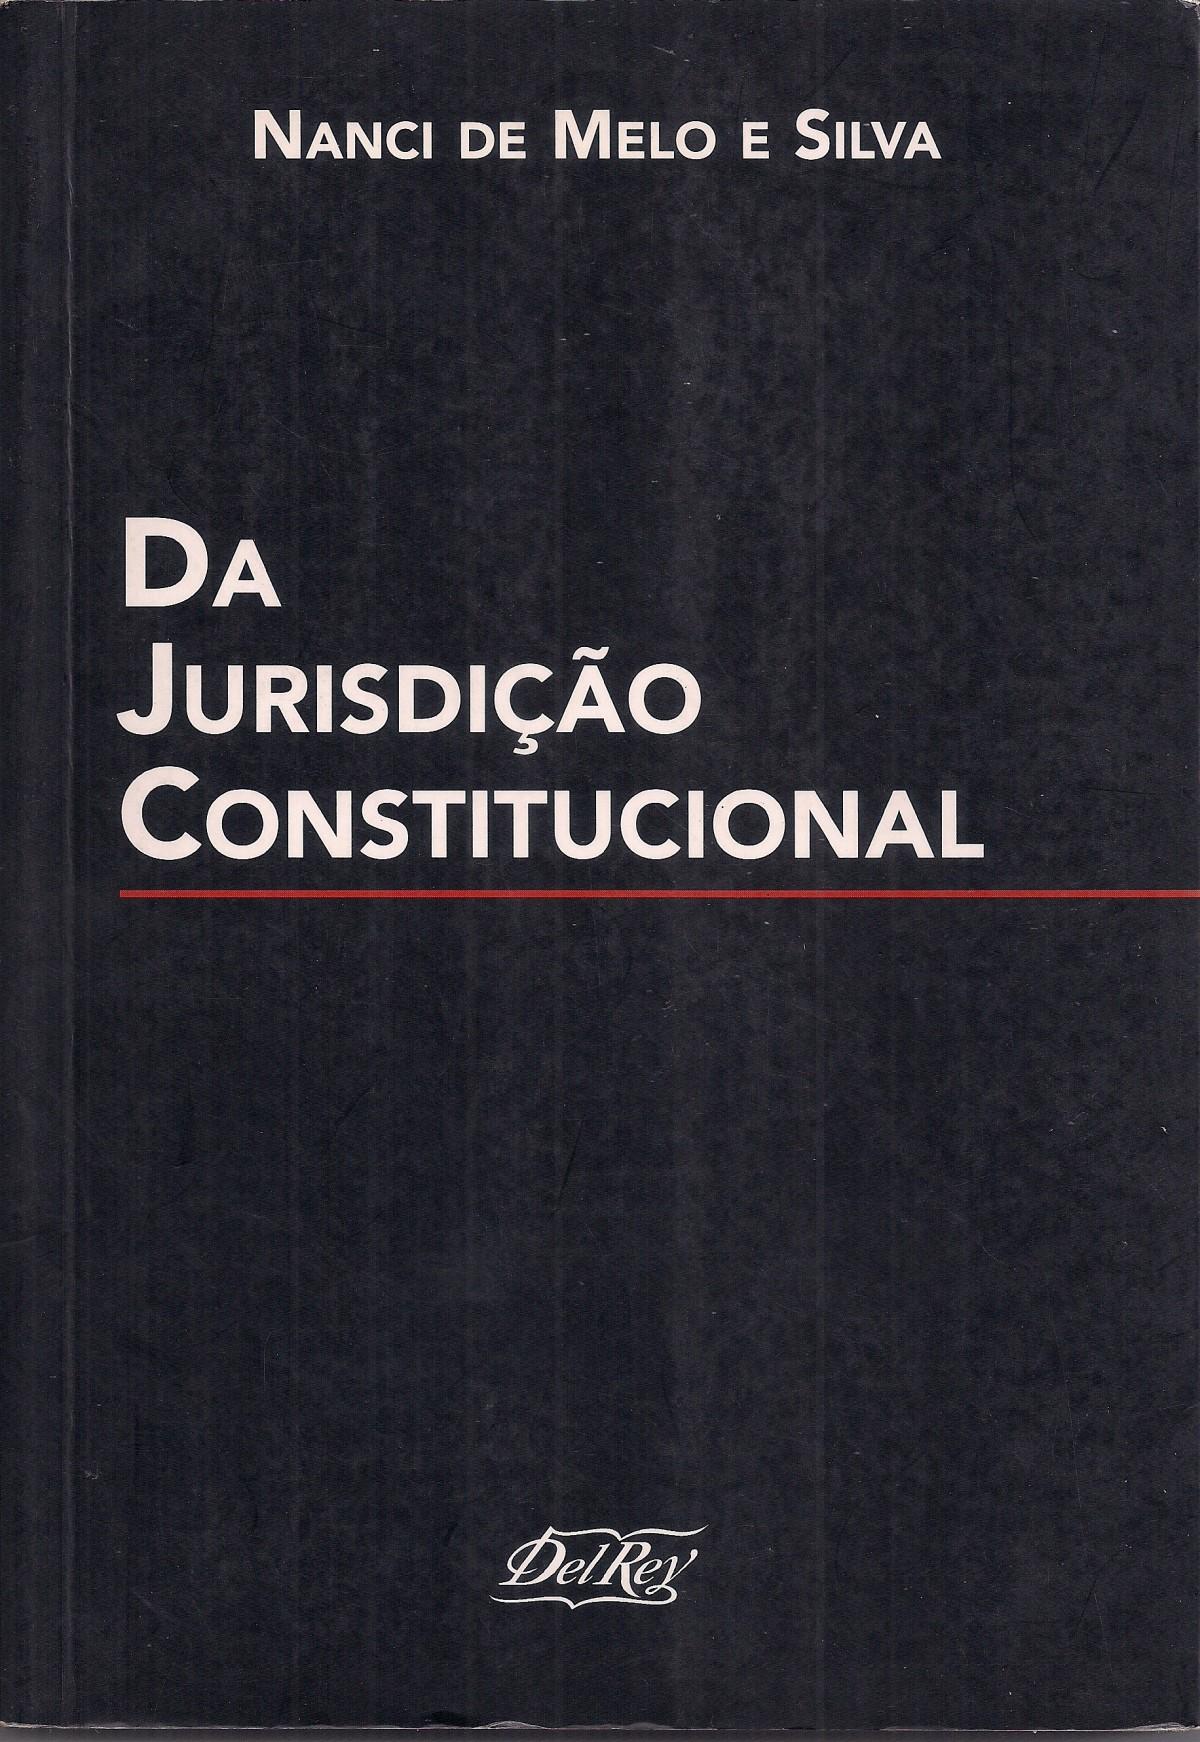 Foto 1 - Da Jurisdição Constitucional